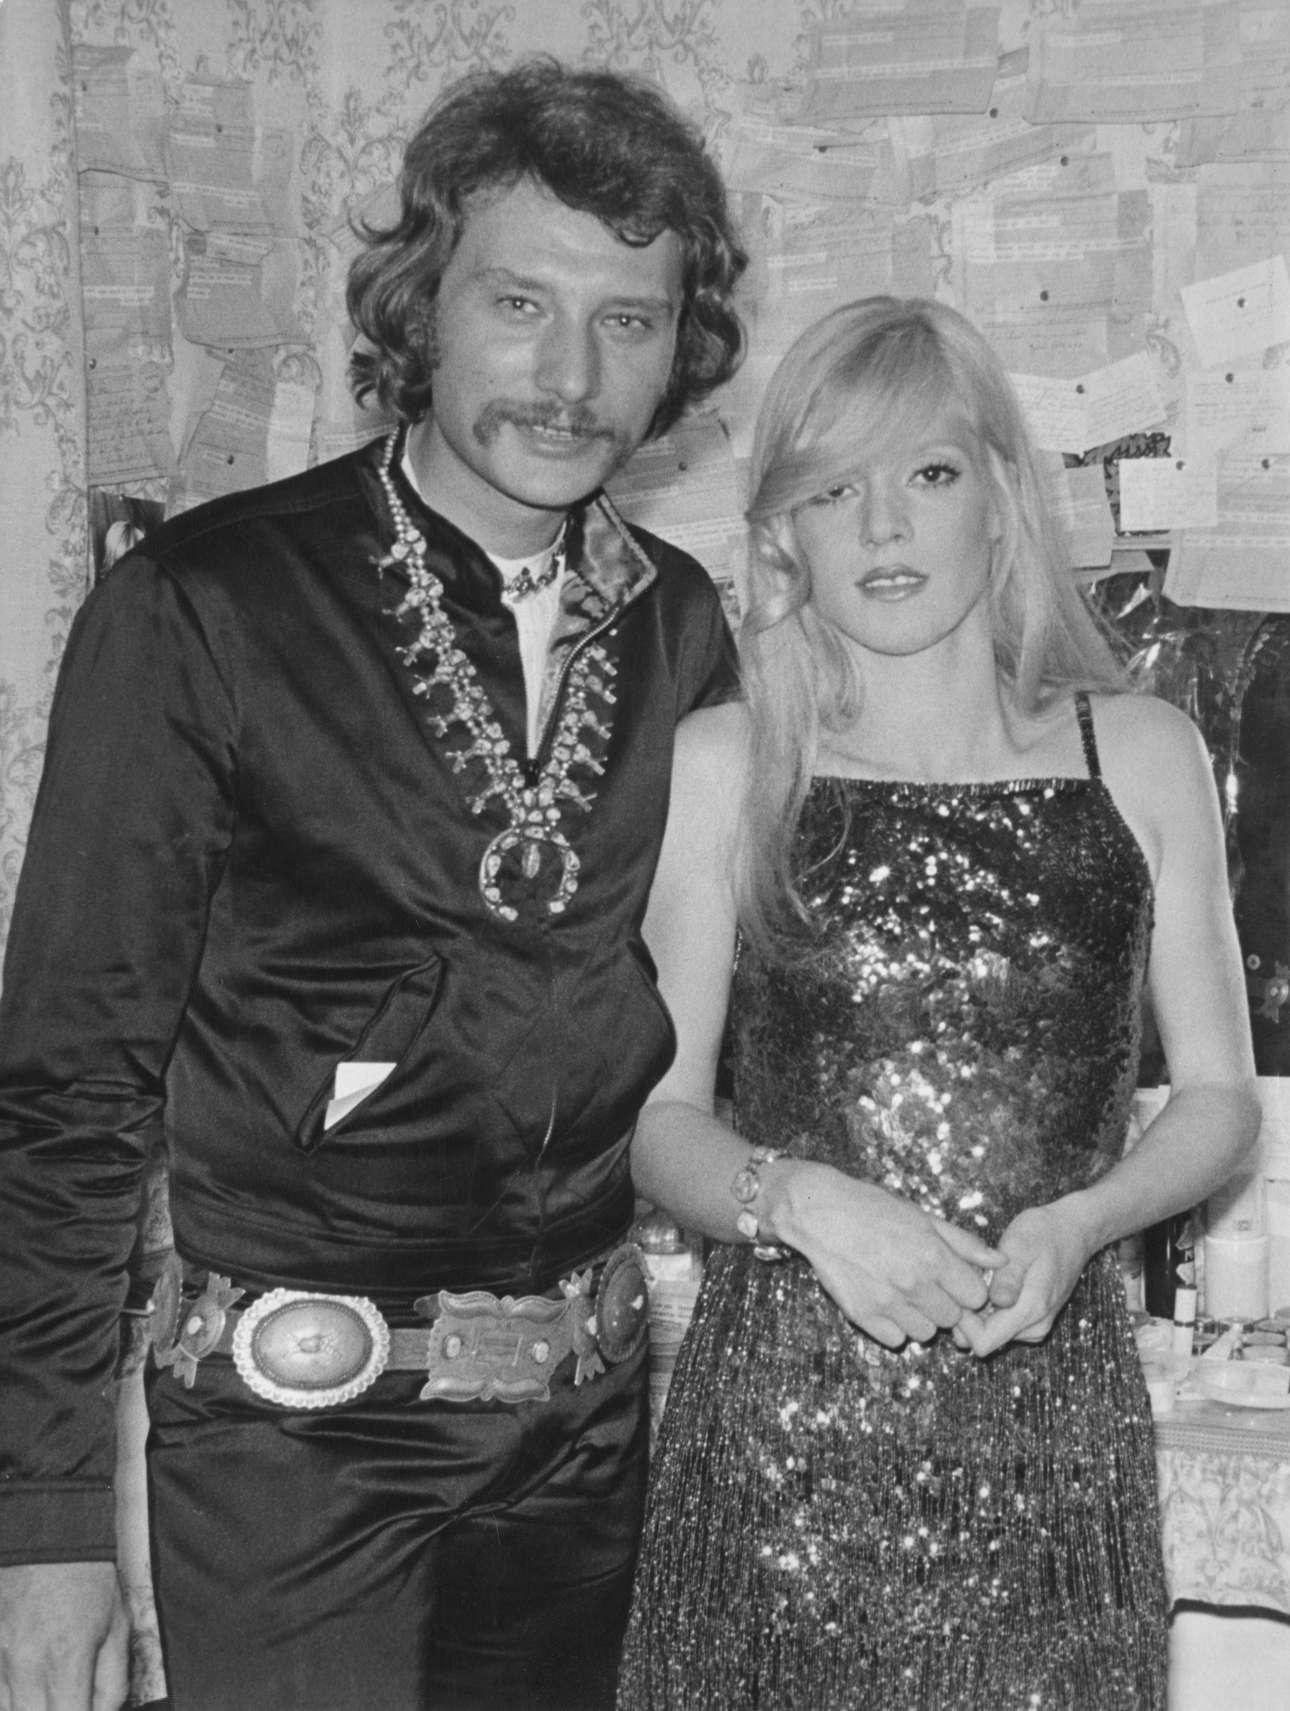 Σεπτέμβριος 1970, με τη Σιλβί Βαρτάν στο περίφημο «Olympia». Οι συναυλίες των δυο τους στον εμβληματικό αυτό συναυλιακό χώρο άφησαν εποχή